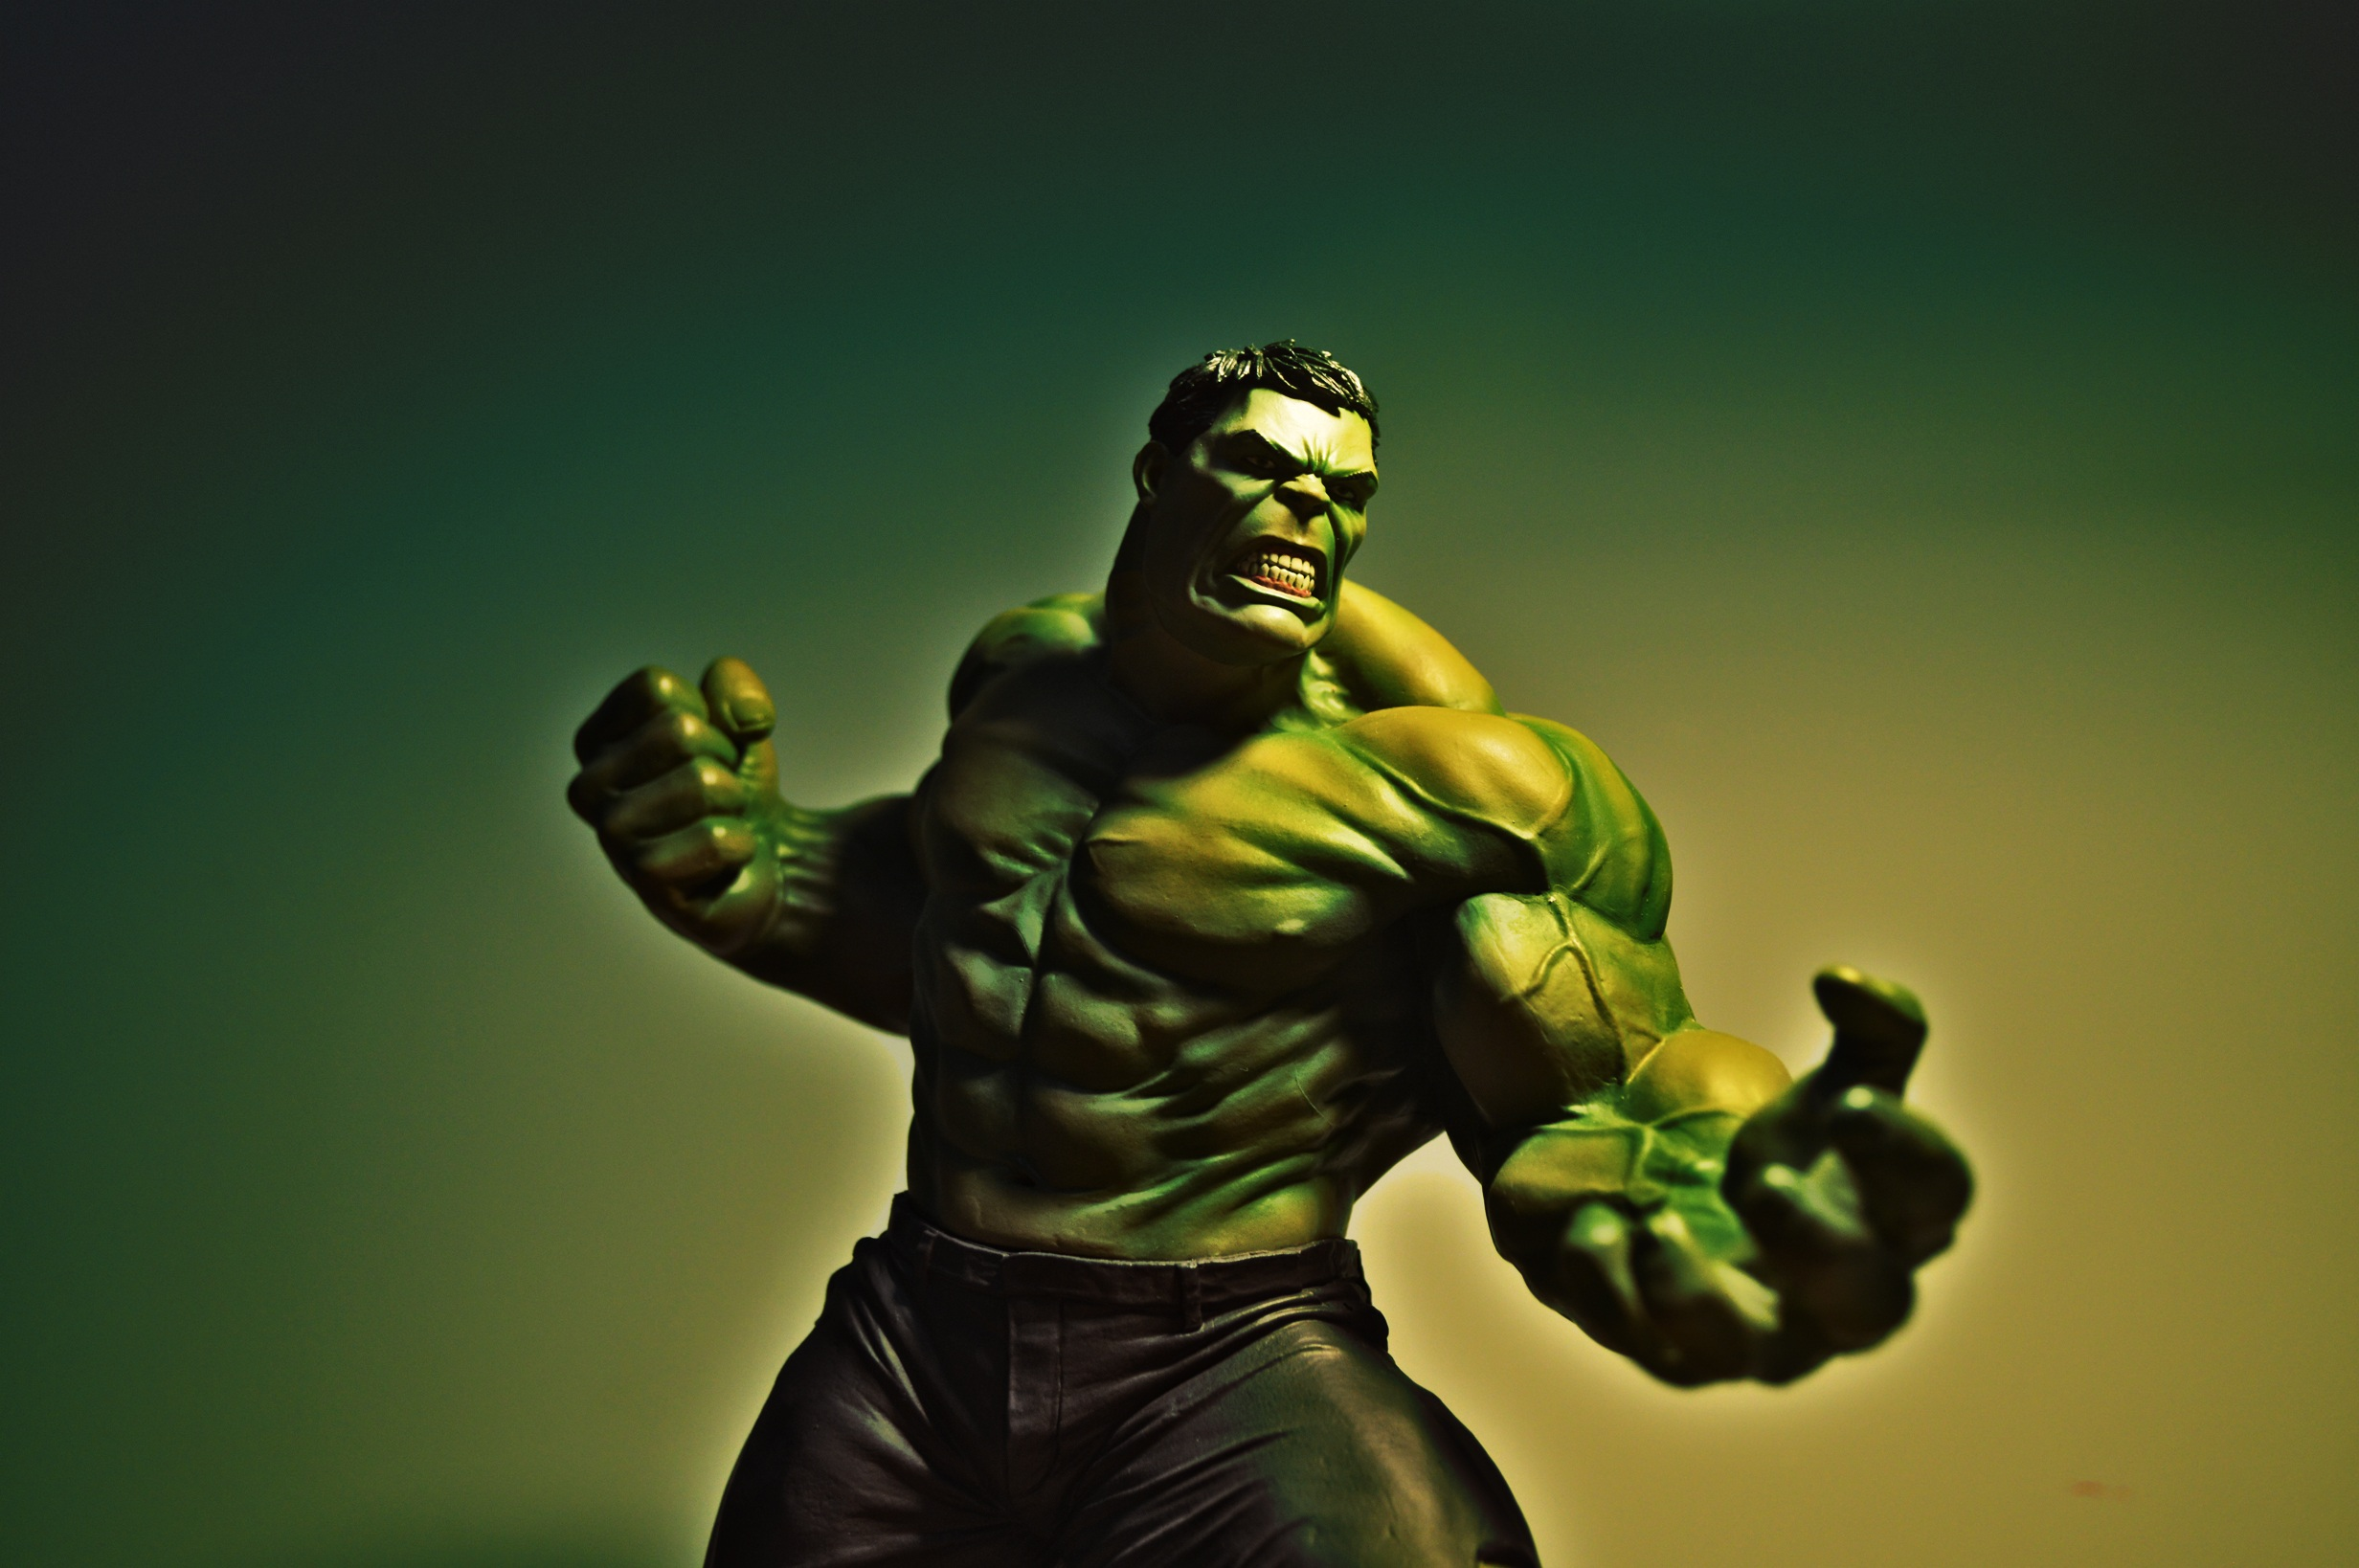 Hulk, Maravilha, super herói, força, músculos - Papéis de parede HD - Professor-falken.com